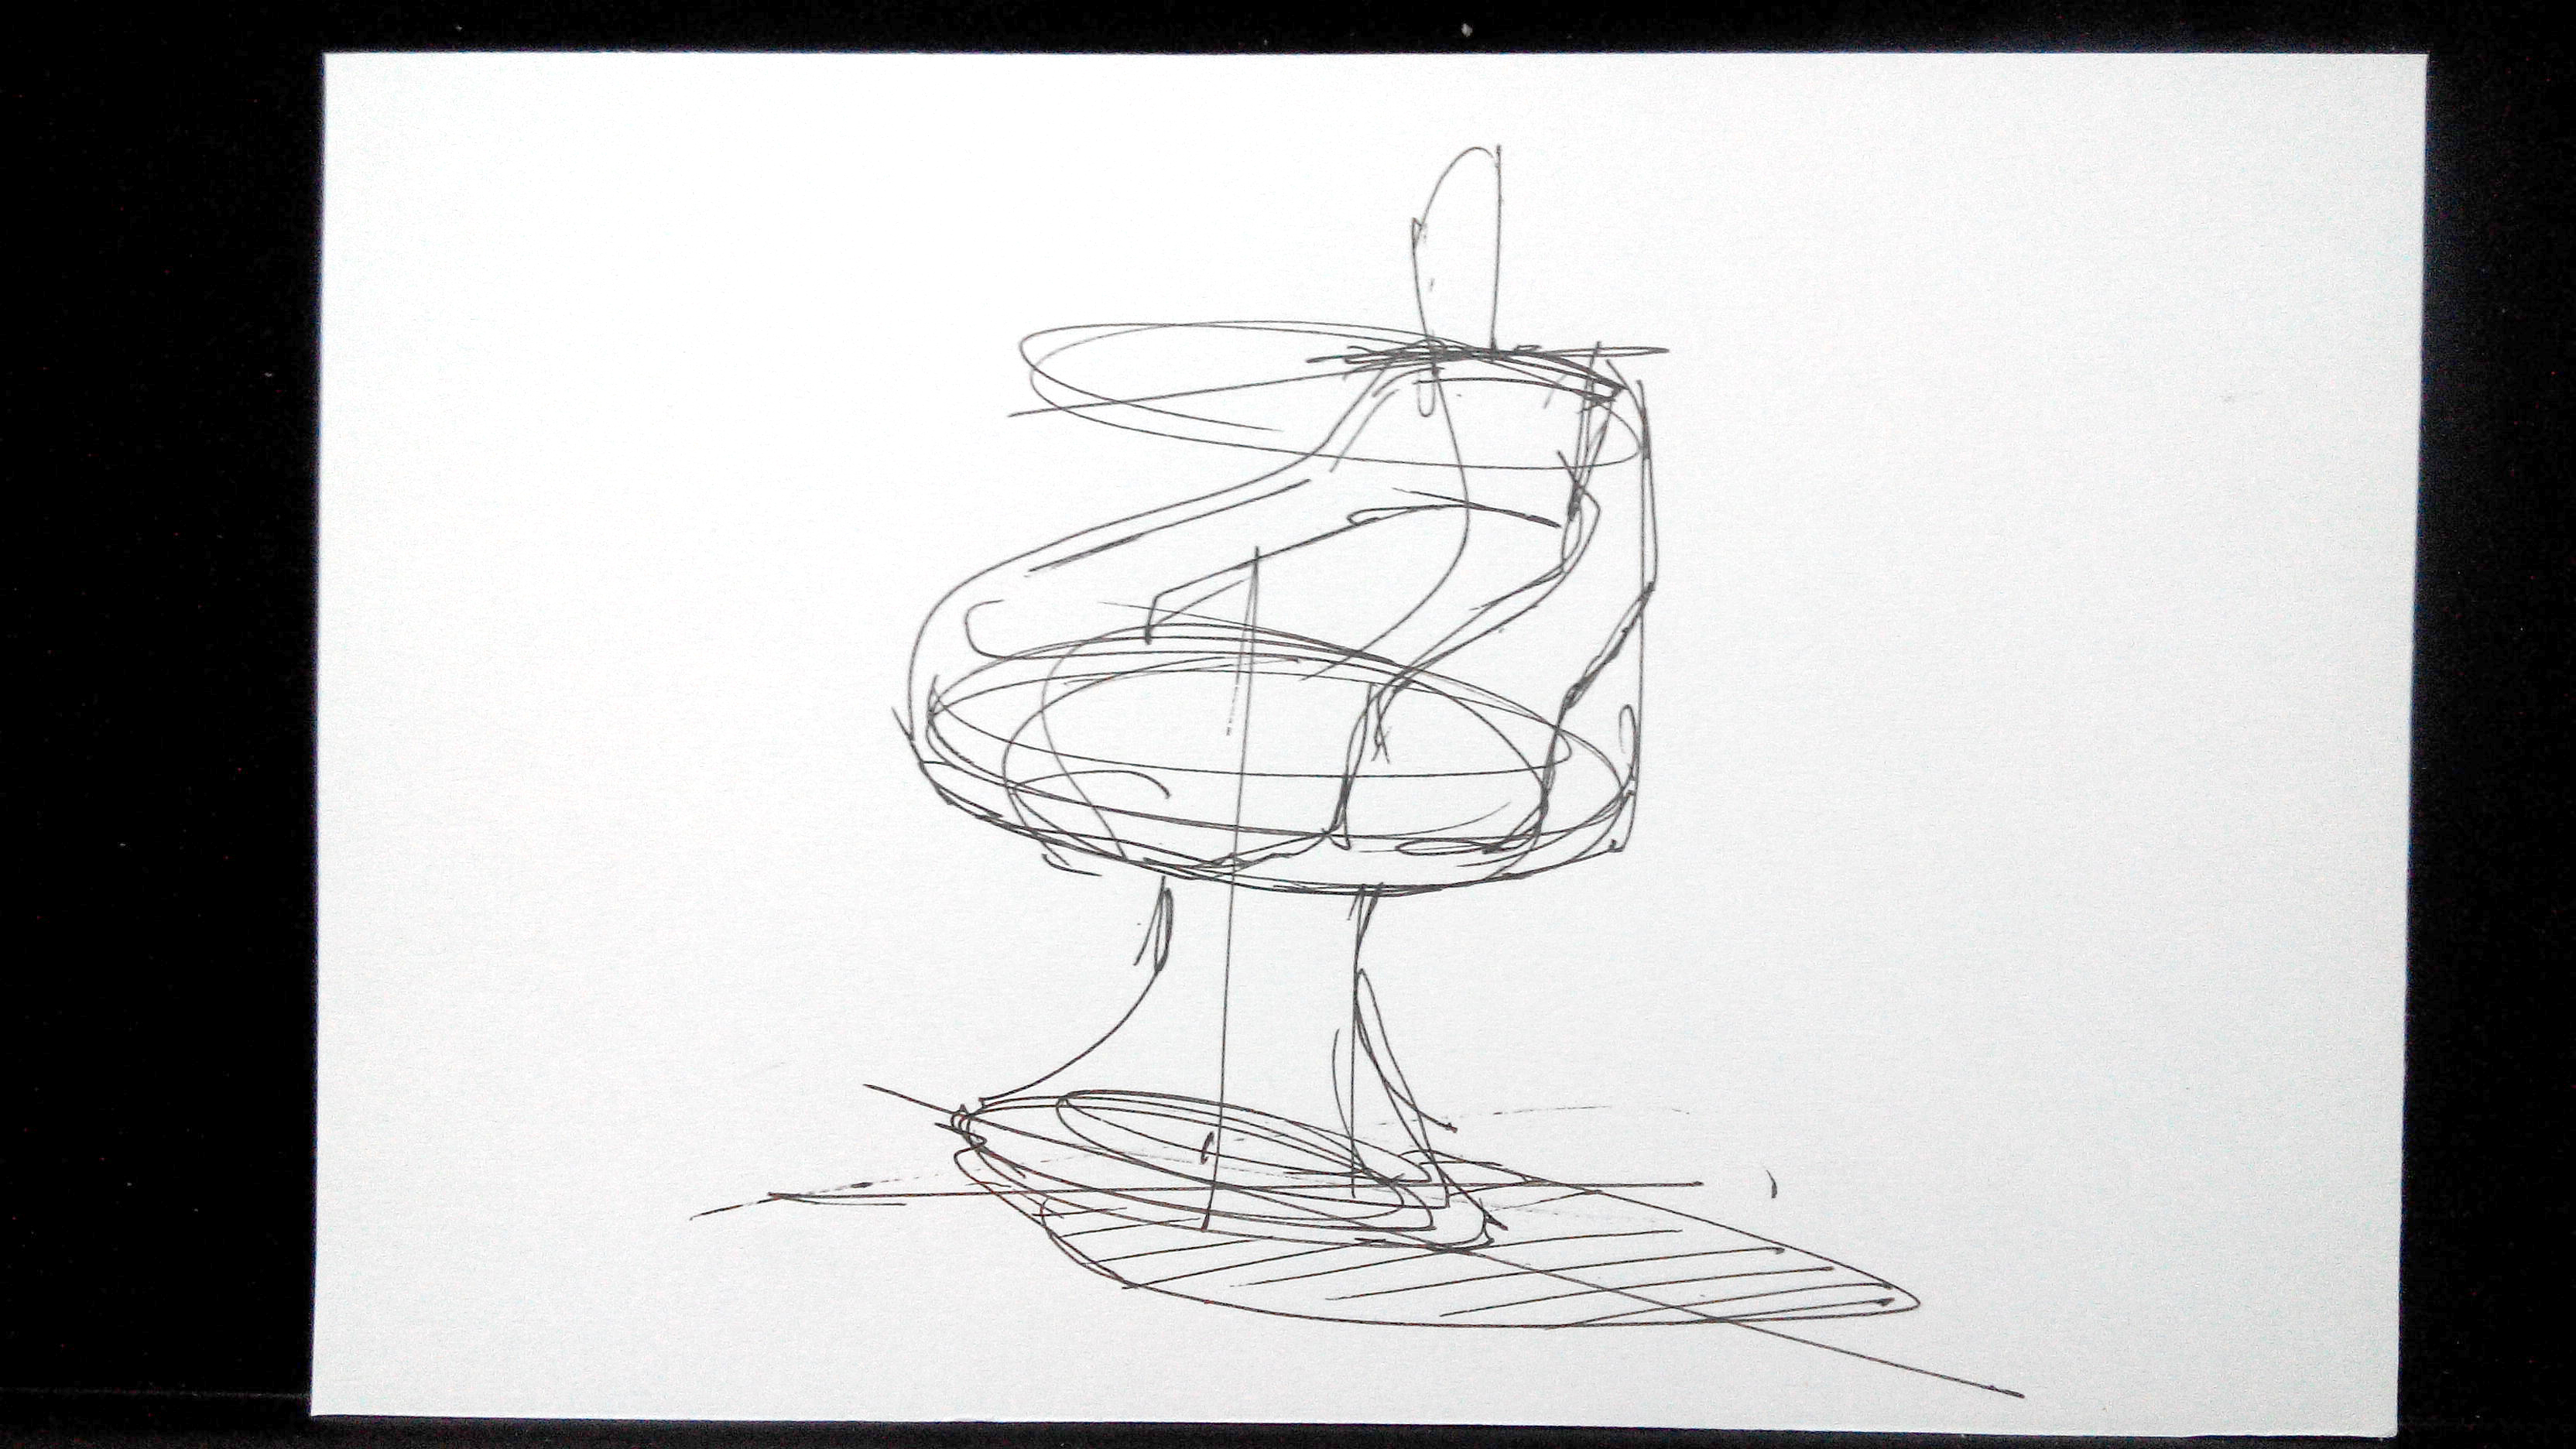 1 minute challenge design sketching the design sketchbook h